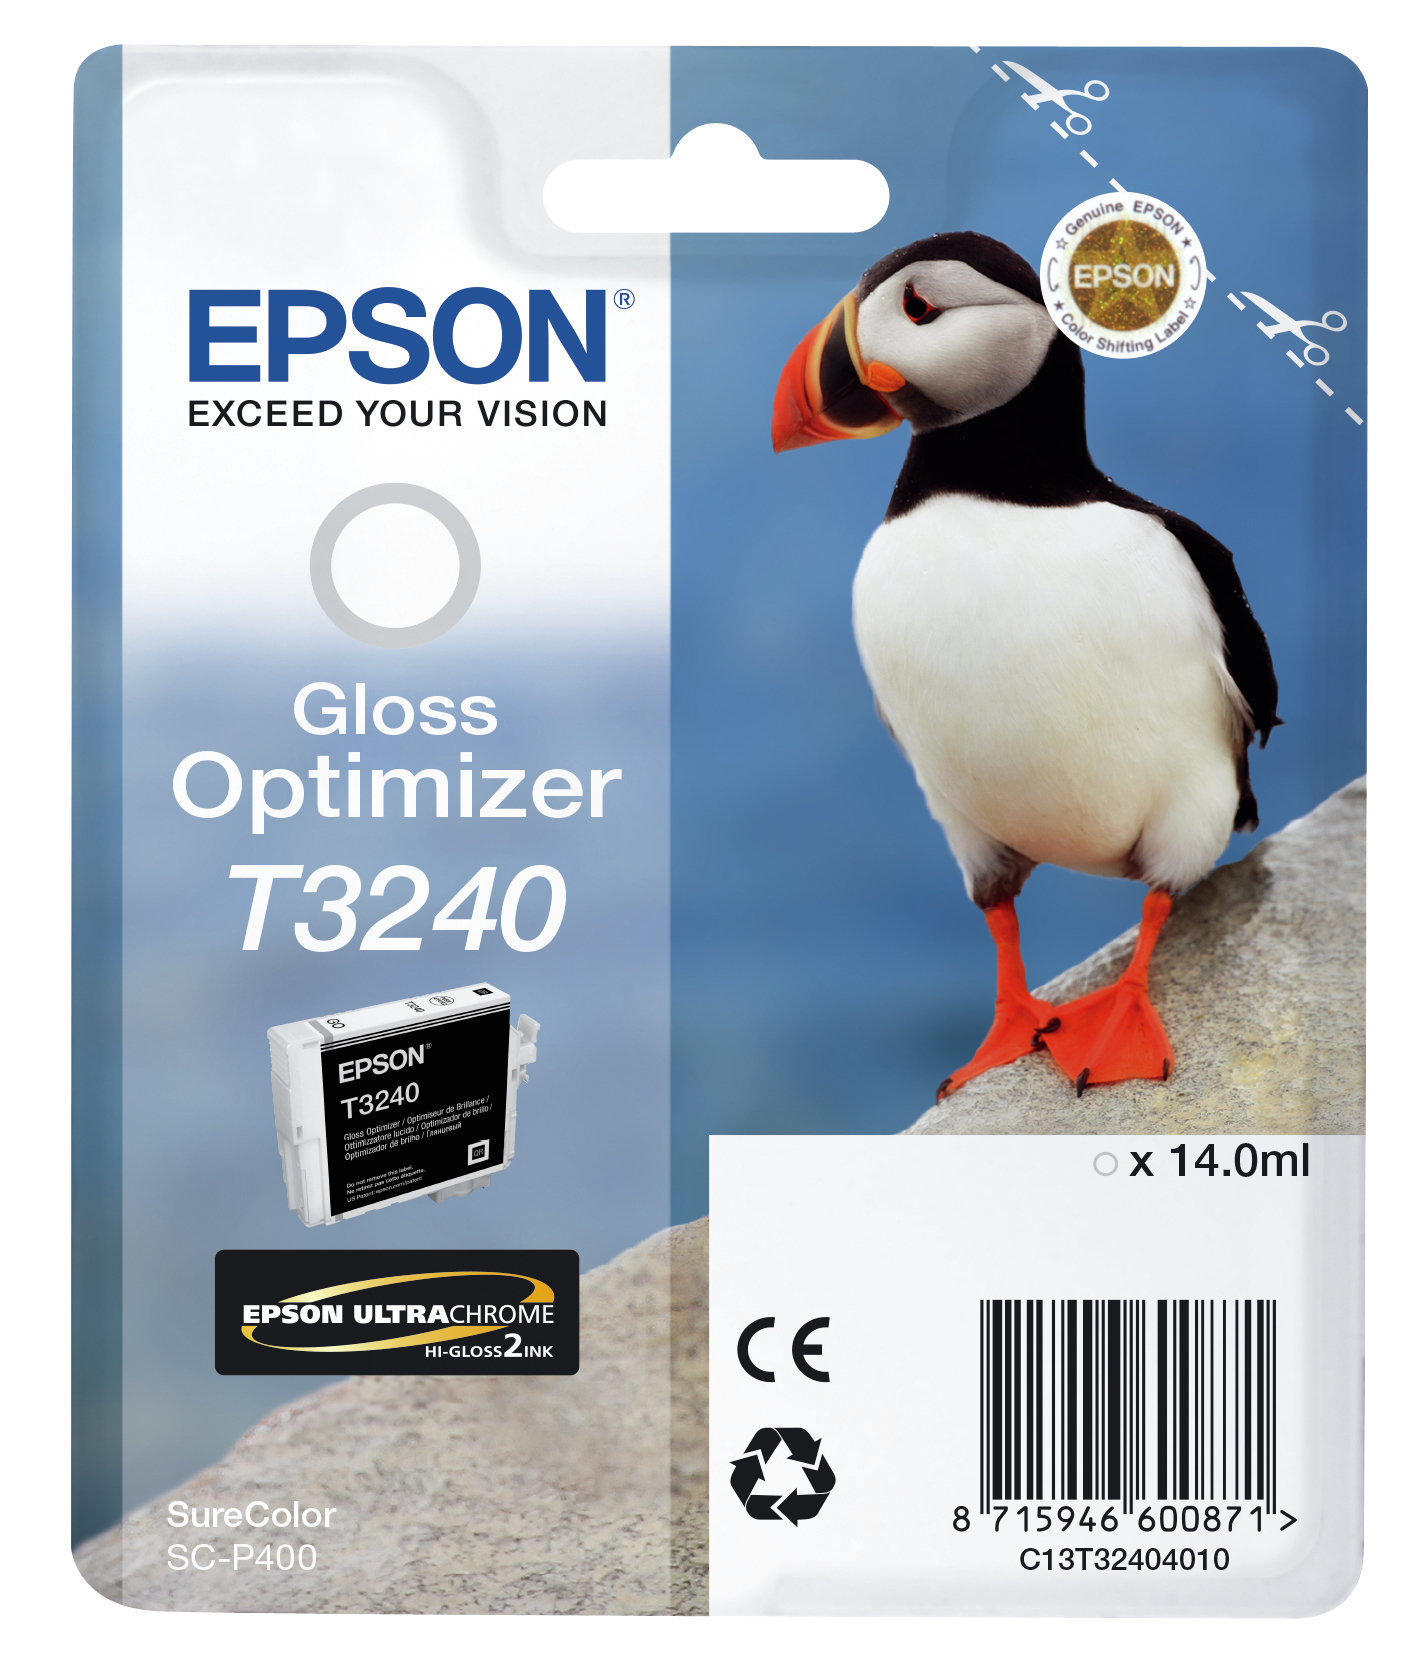 Epson SureColor T3240 Gloss Optimizer